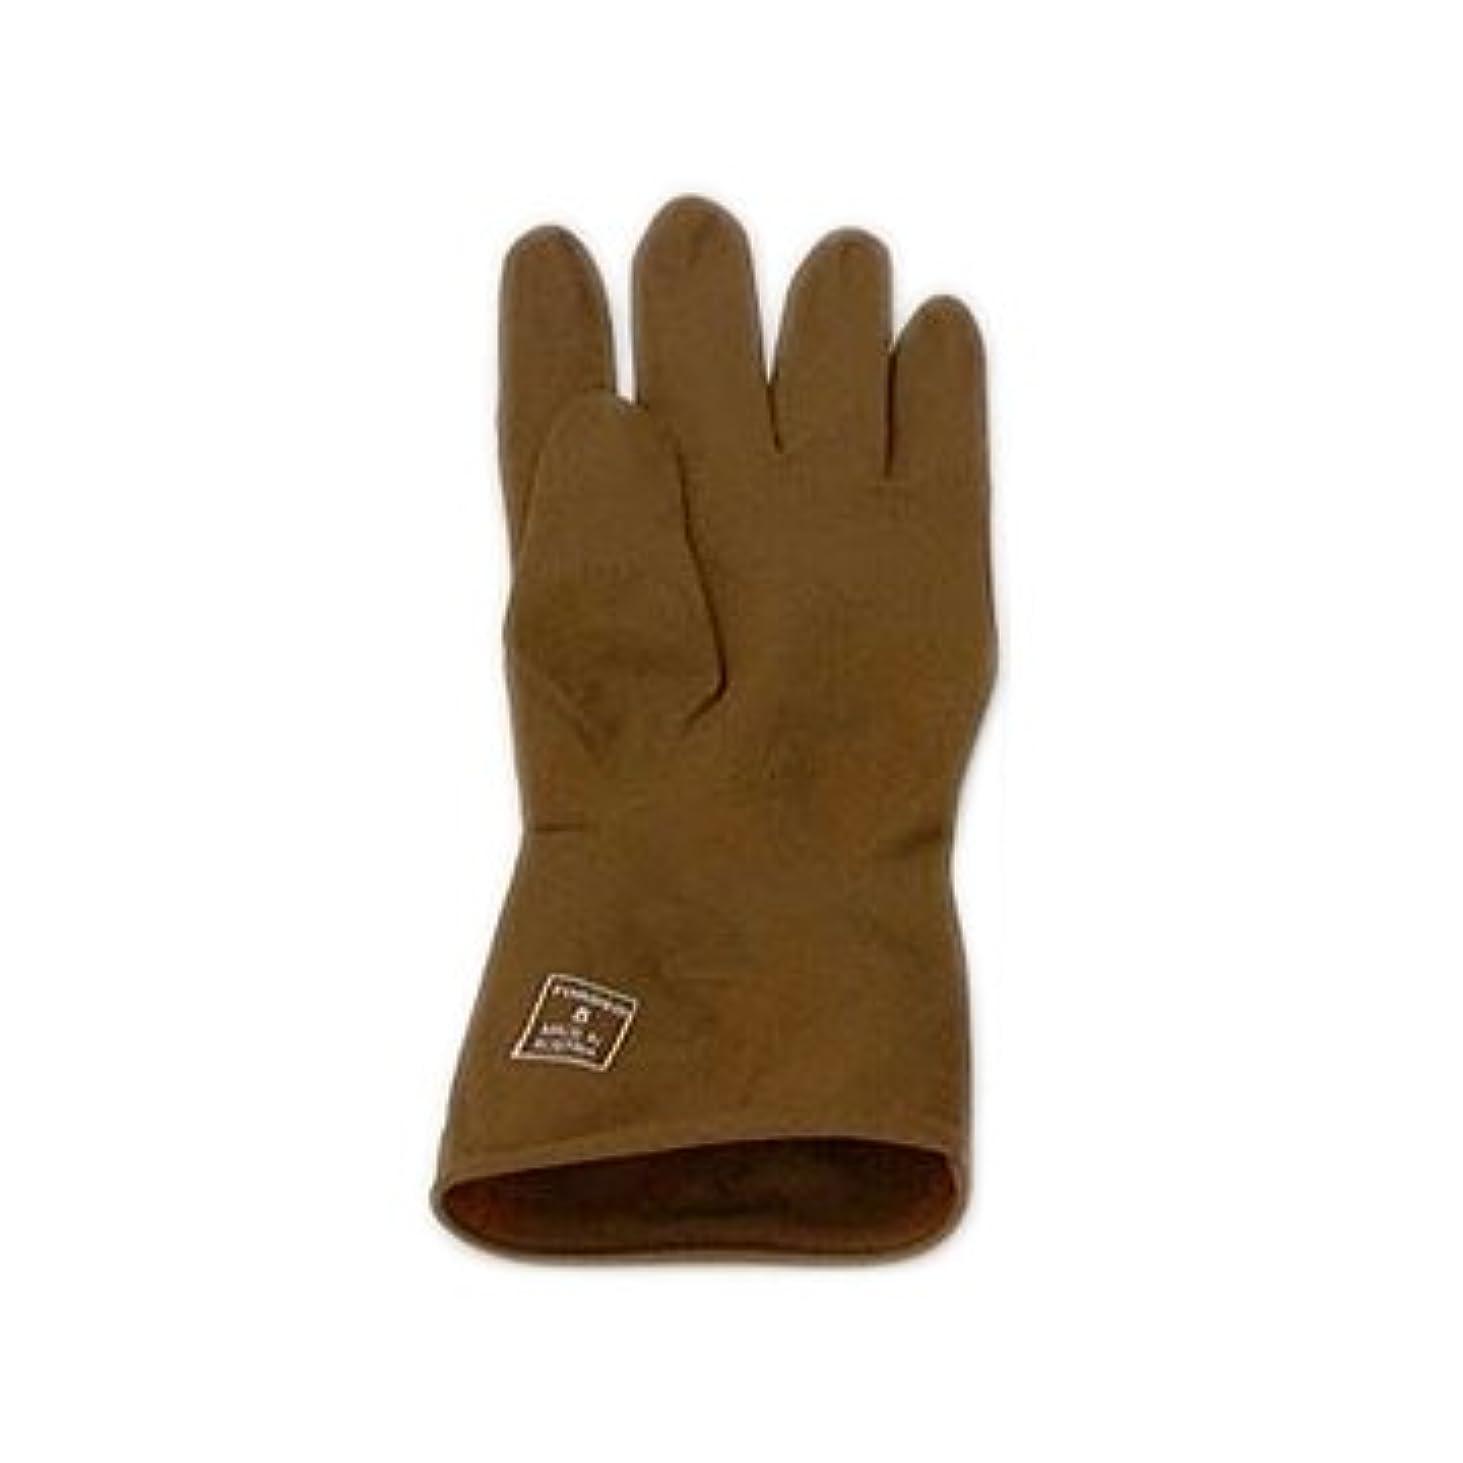 リハーサル邪魔するリラックスしたトンデオ ゴム手袋 1双 7